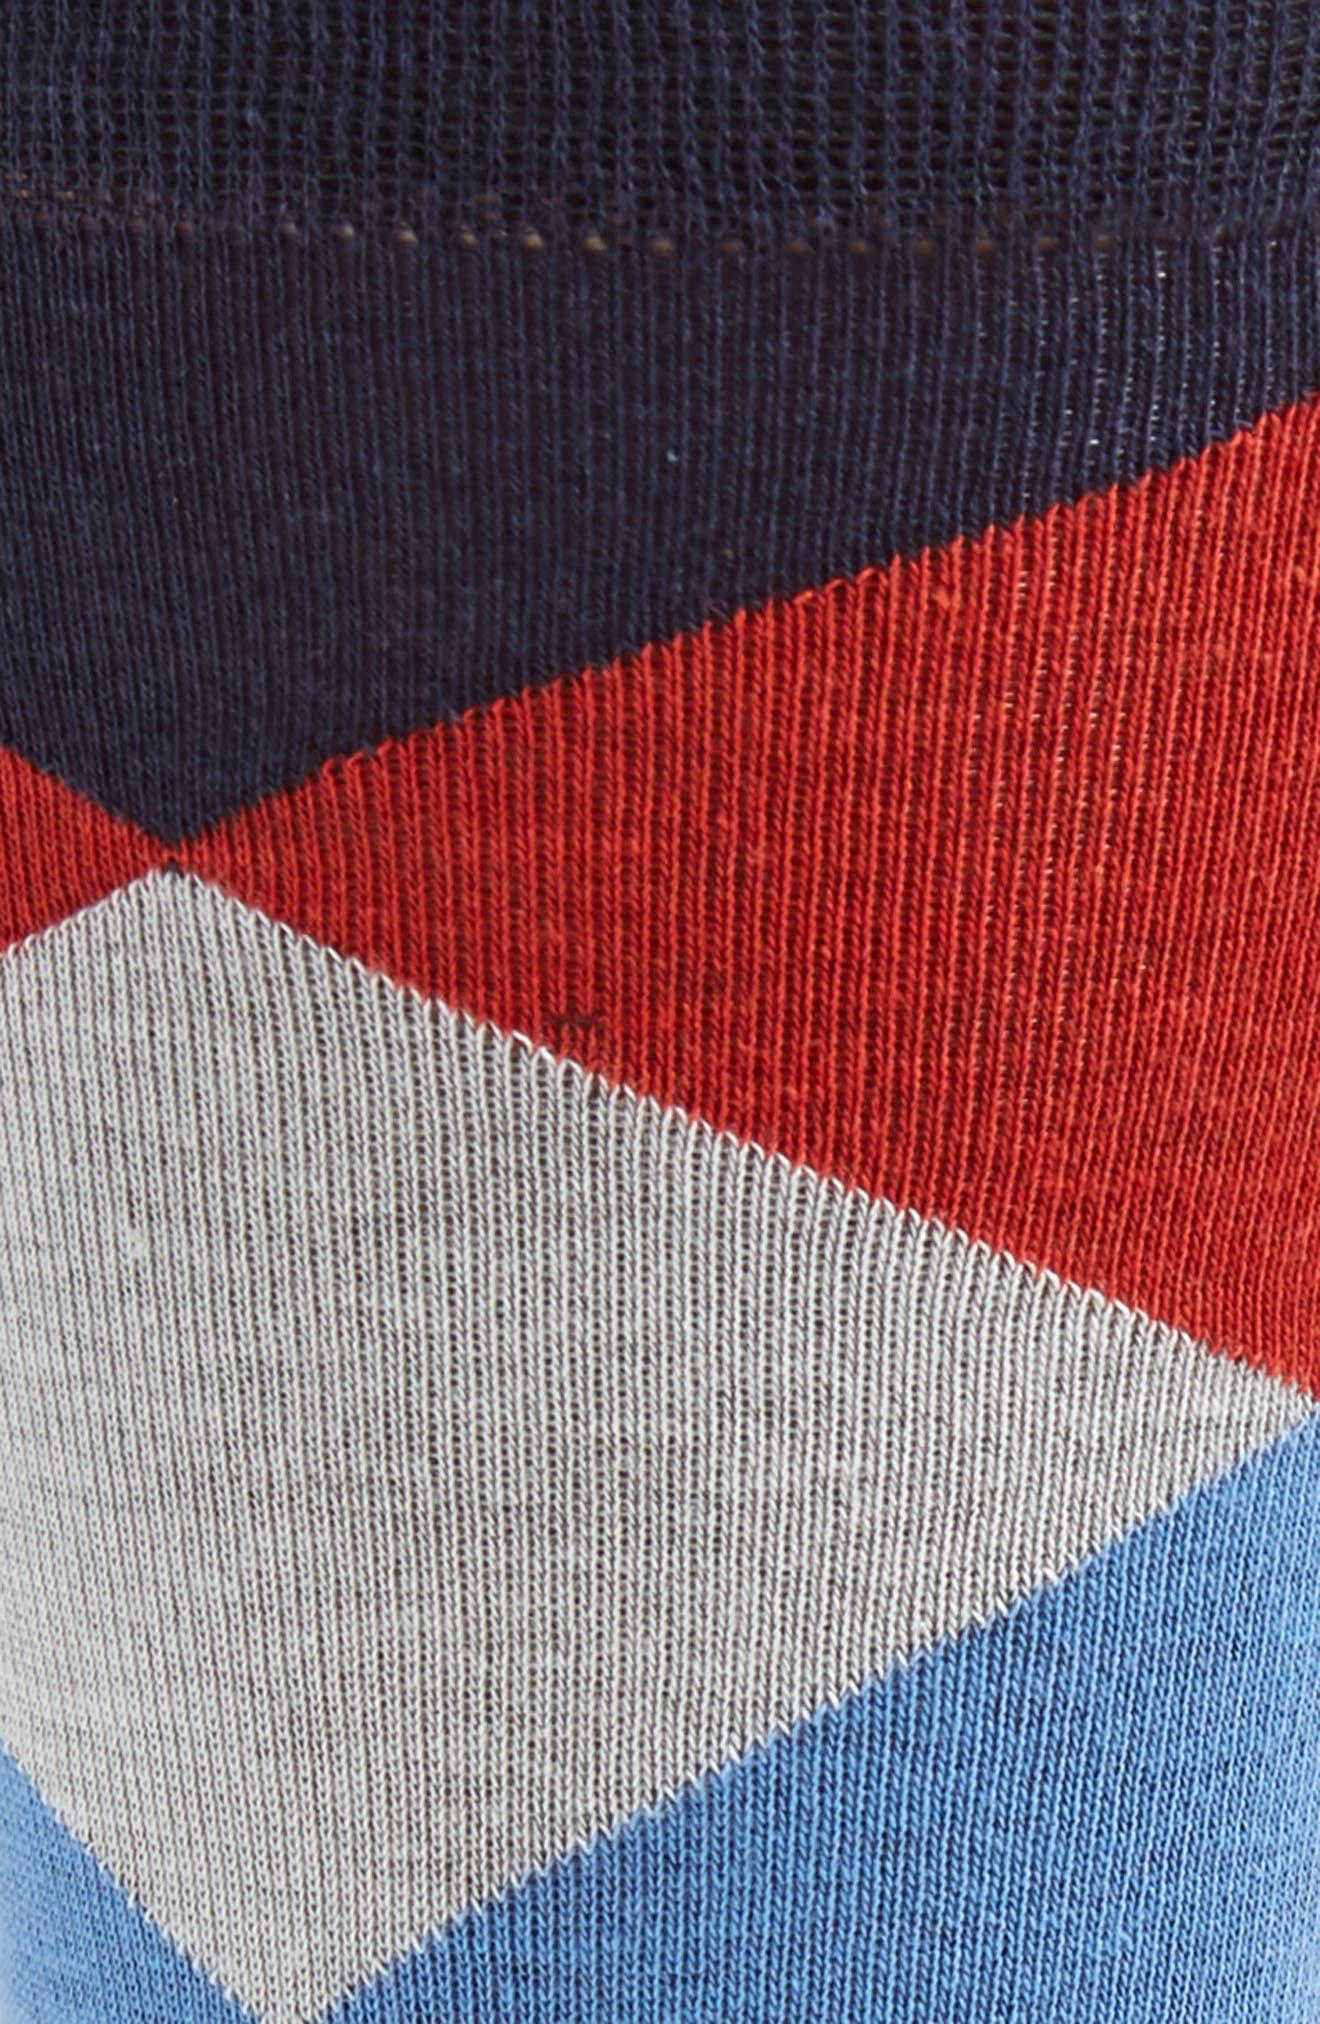 Large Diamond Crew Socks,                             Alternate thumbnail 2, color,                             BLUE